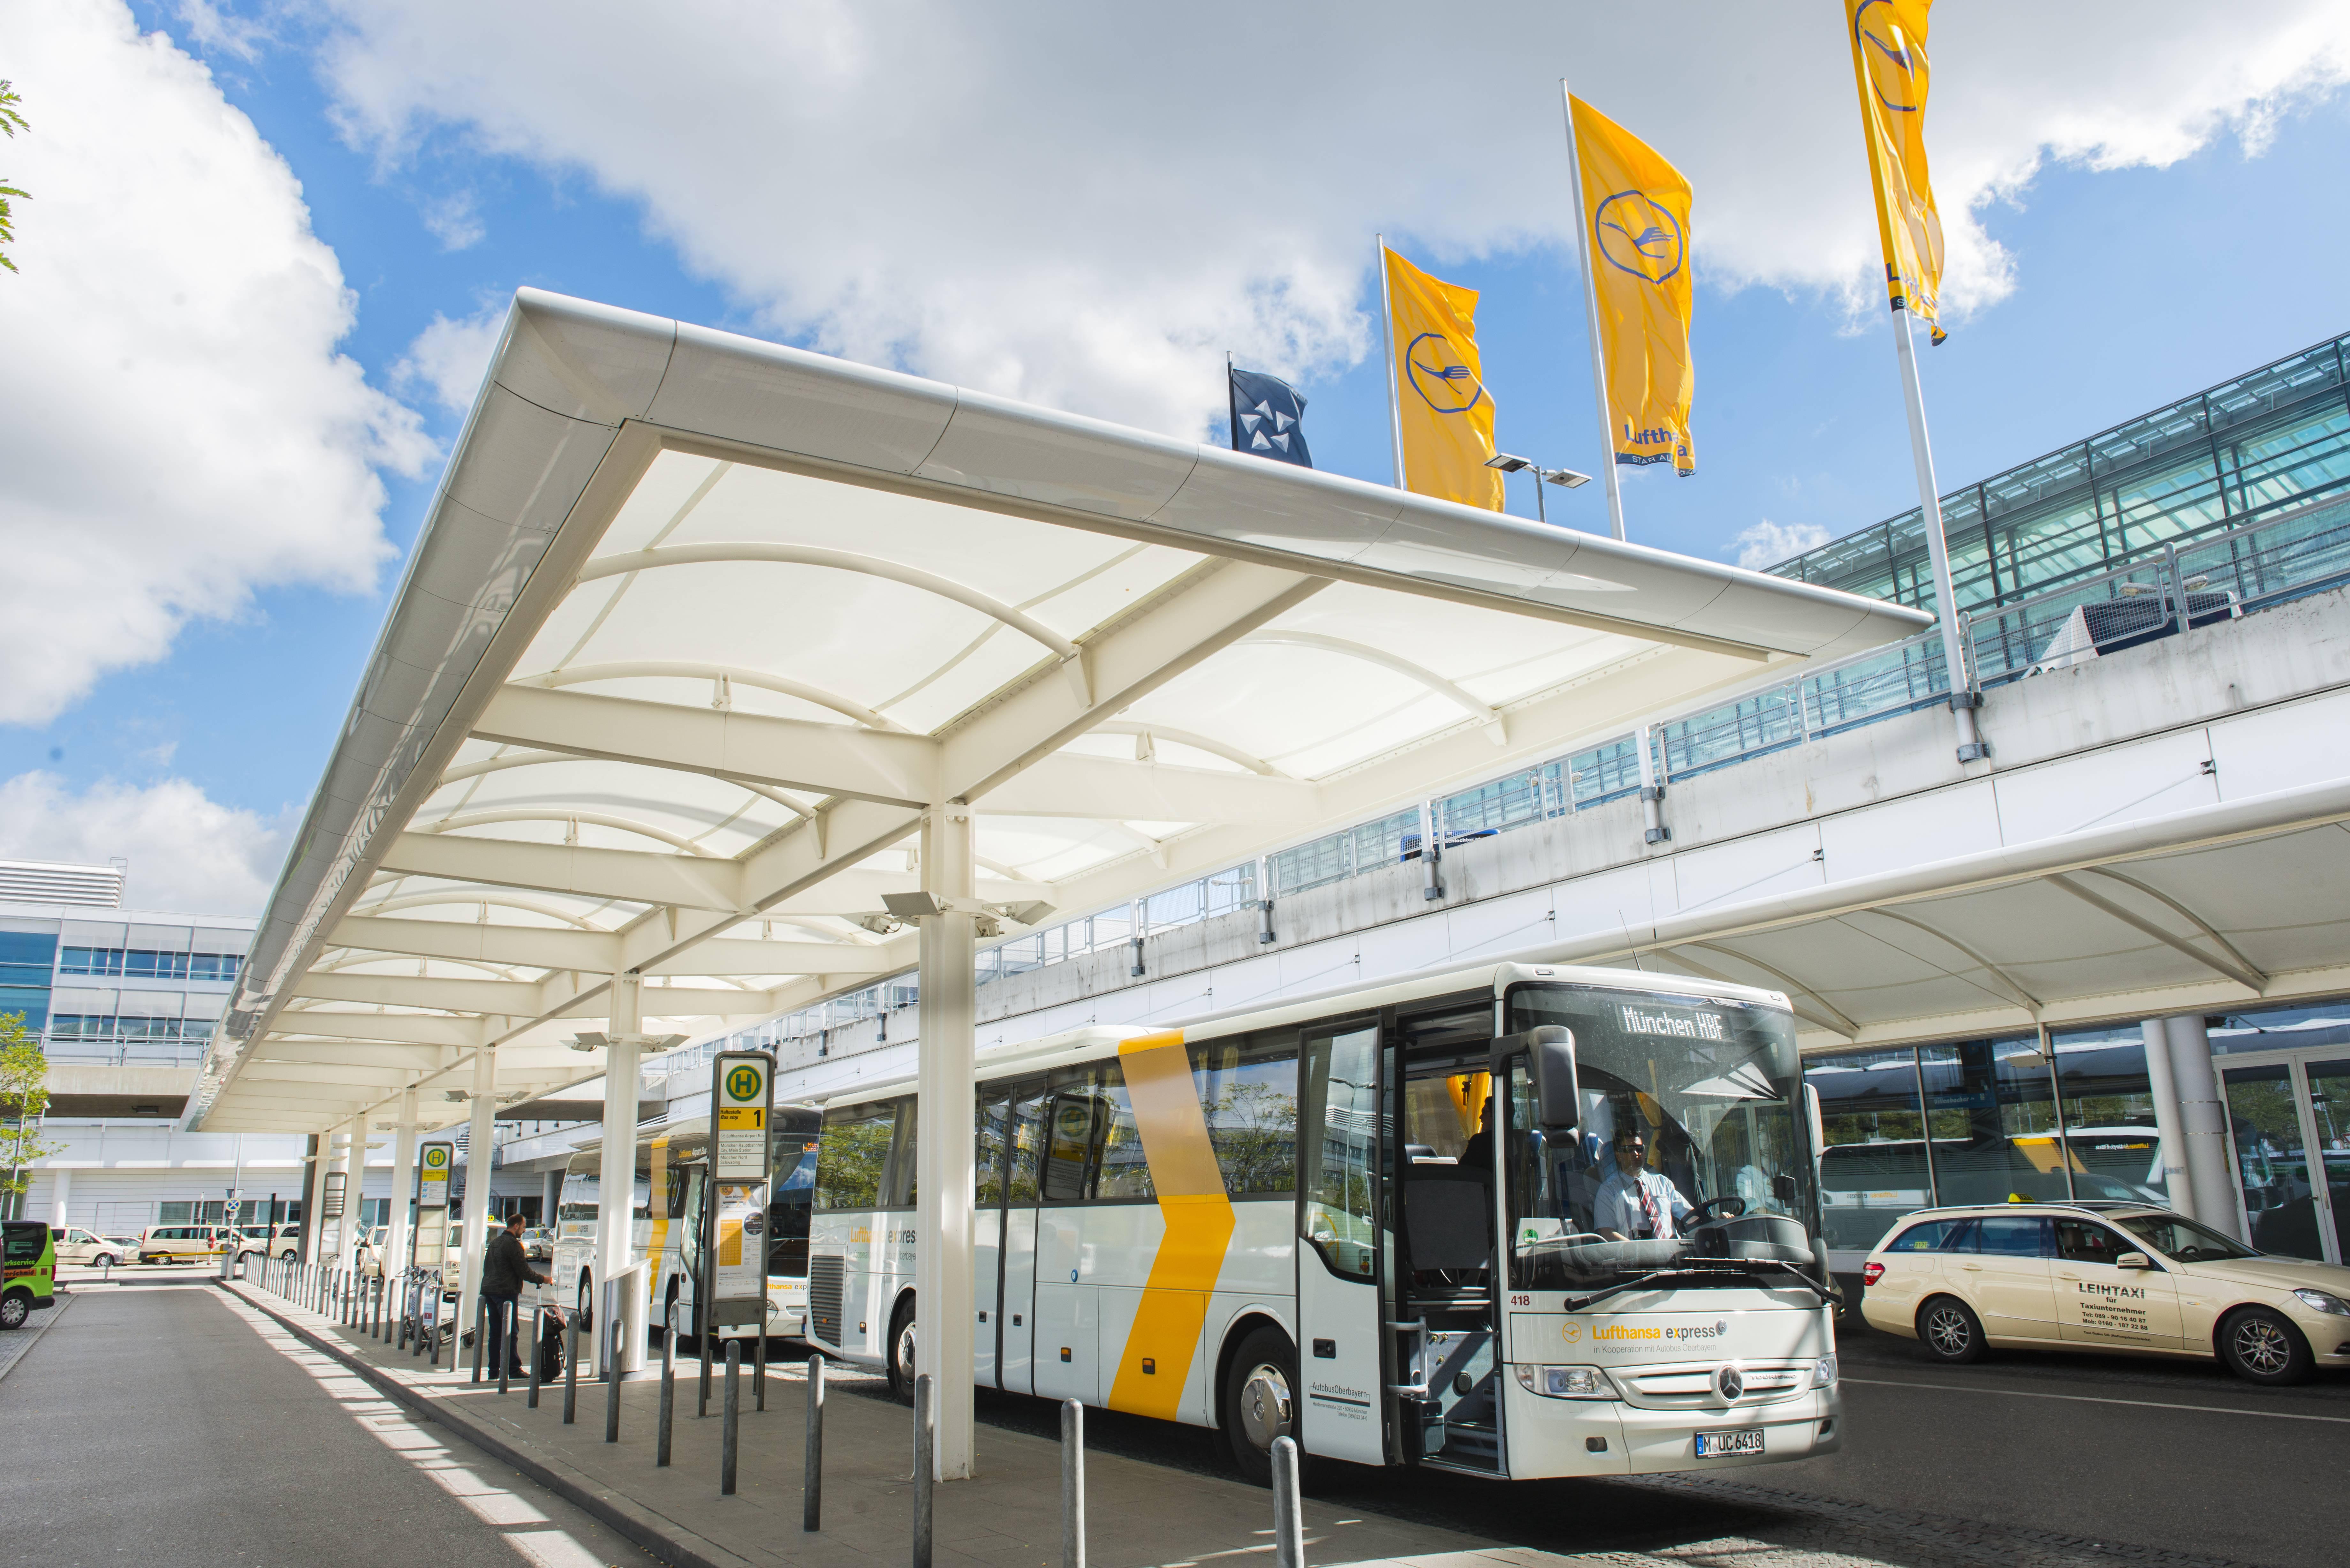 Метро, автобусы, трамваи мюнхена - как купить билет, его стоимость